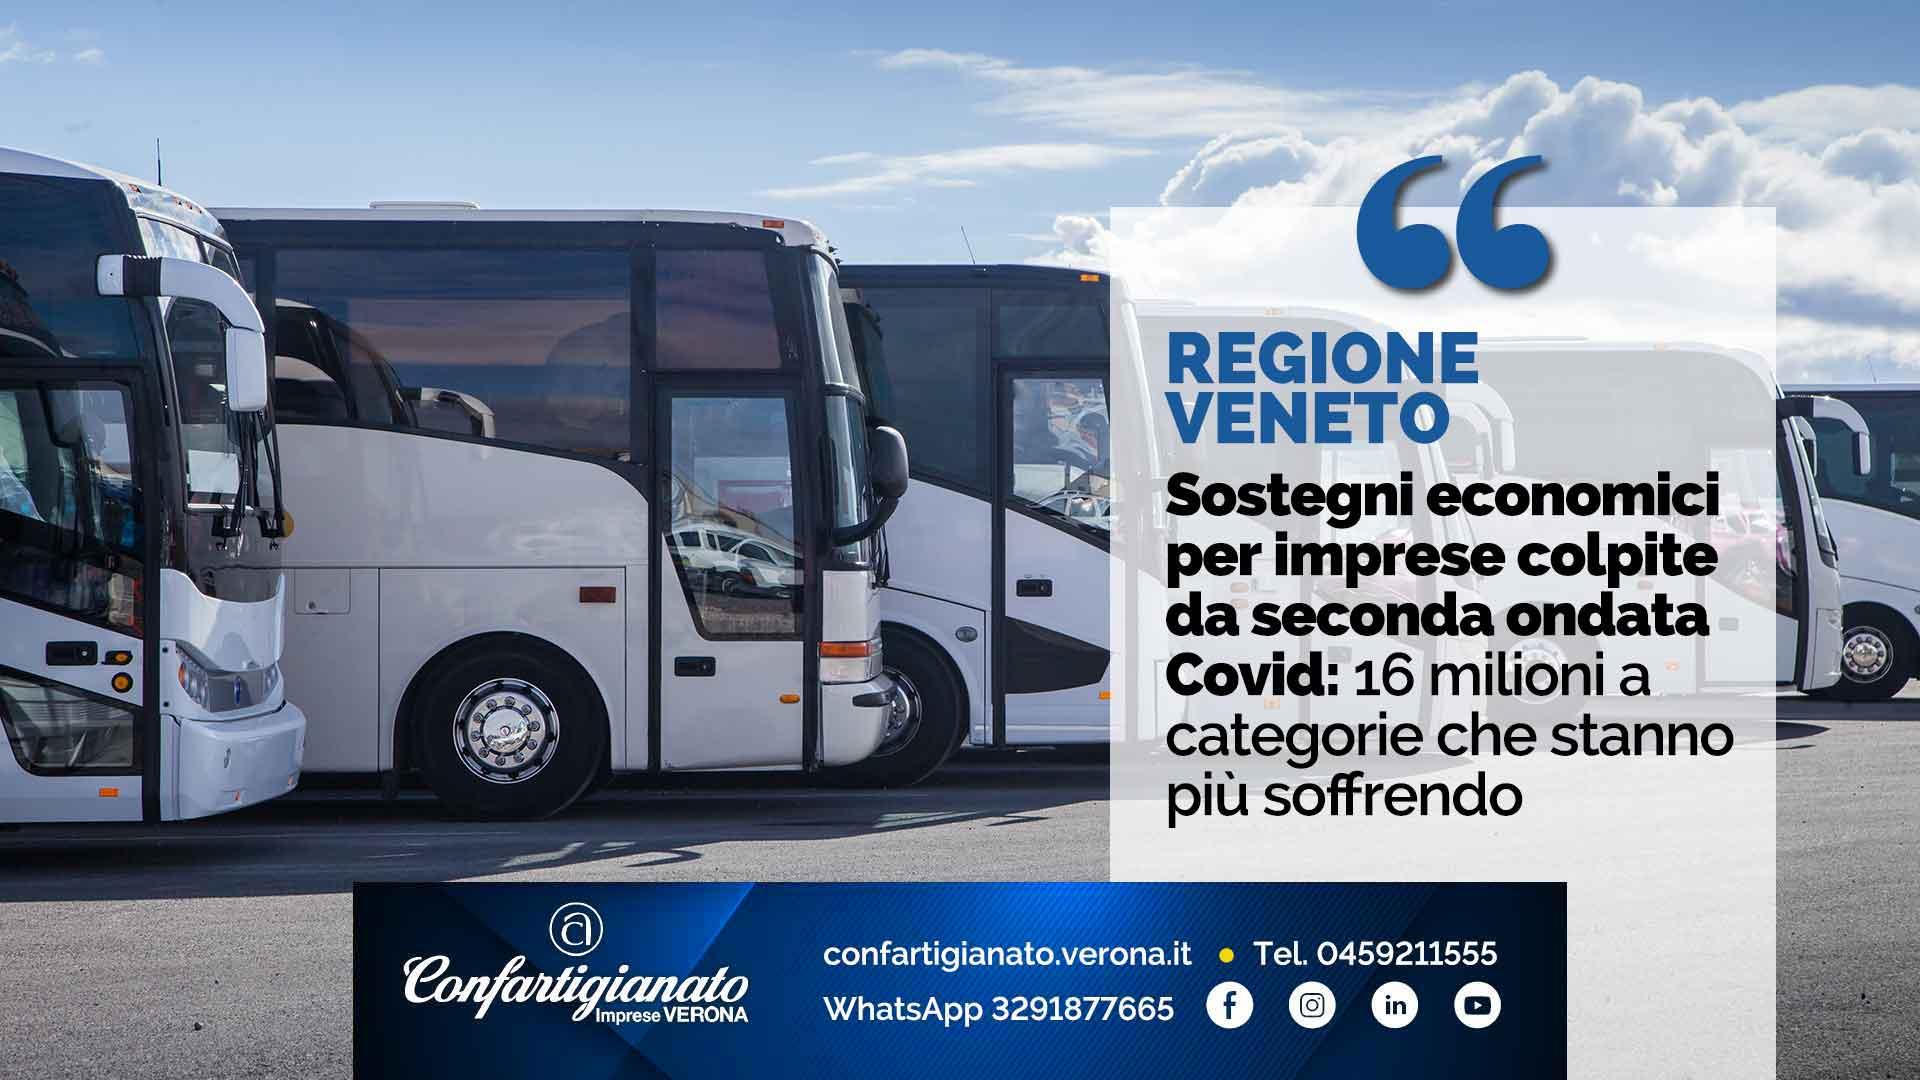 REGIONE VENETO – Sostegni economici per imprese colpite da seconda ondata Covid: 16 milioni a categorie che stanno più soffrendo